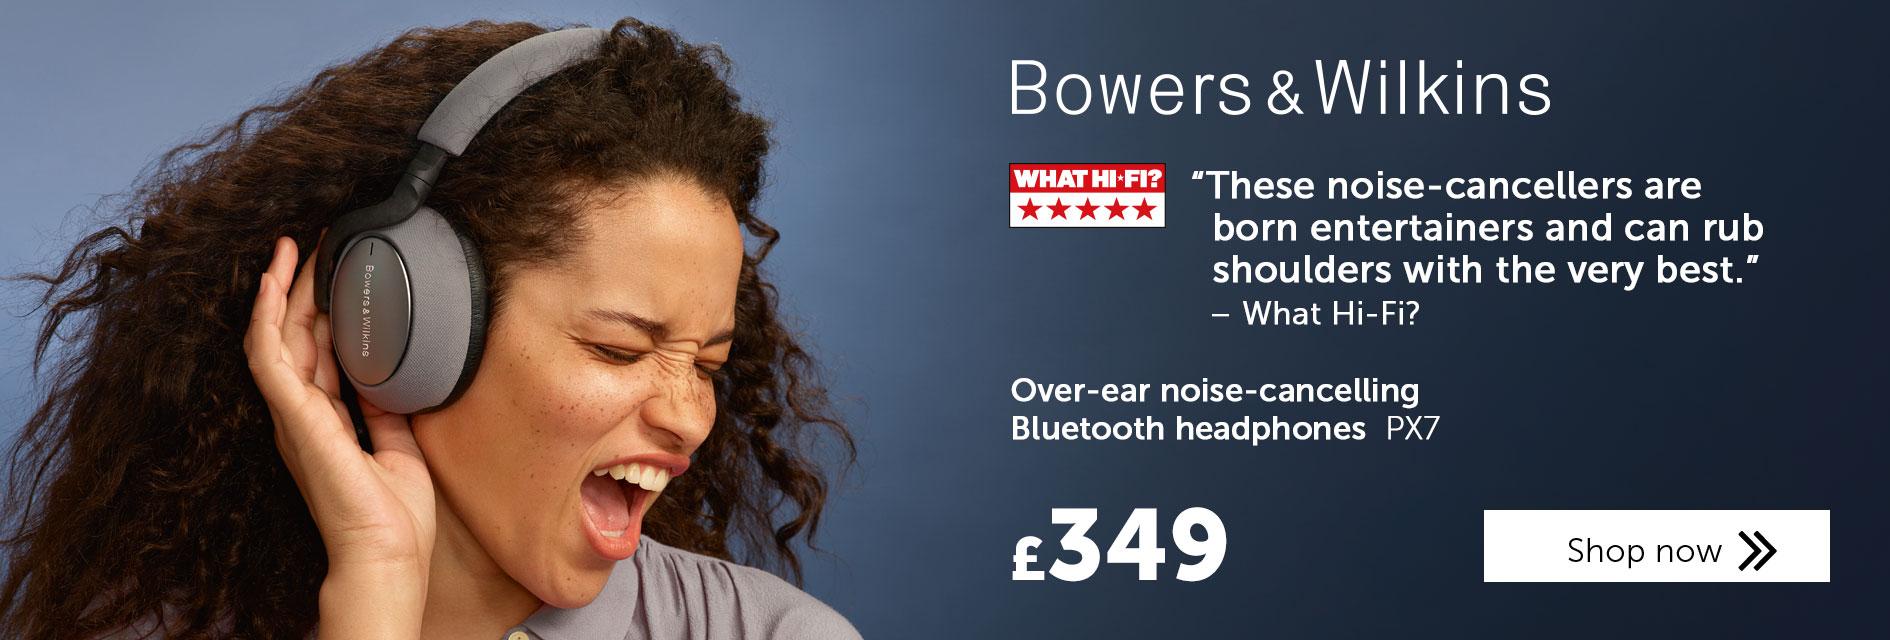 Bowers & Wilkins PX7 Headphones